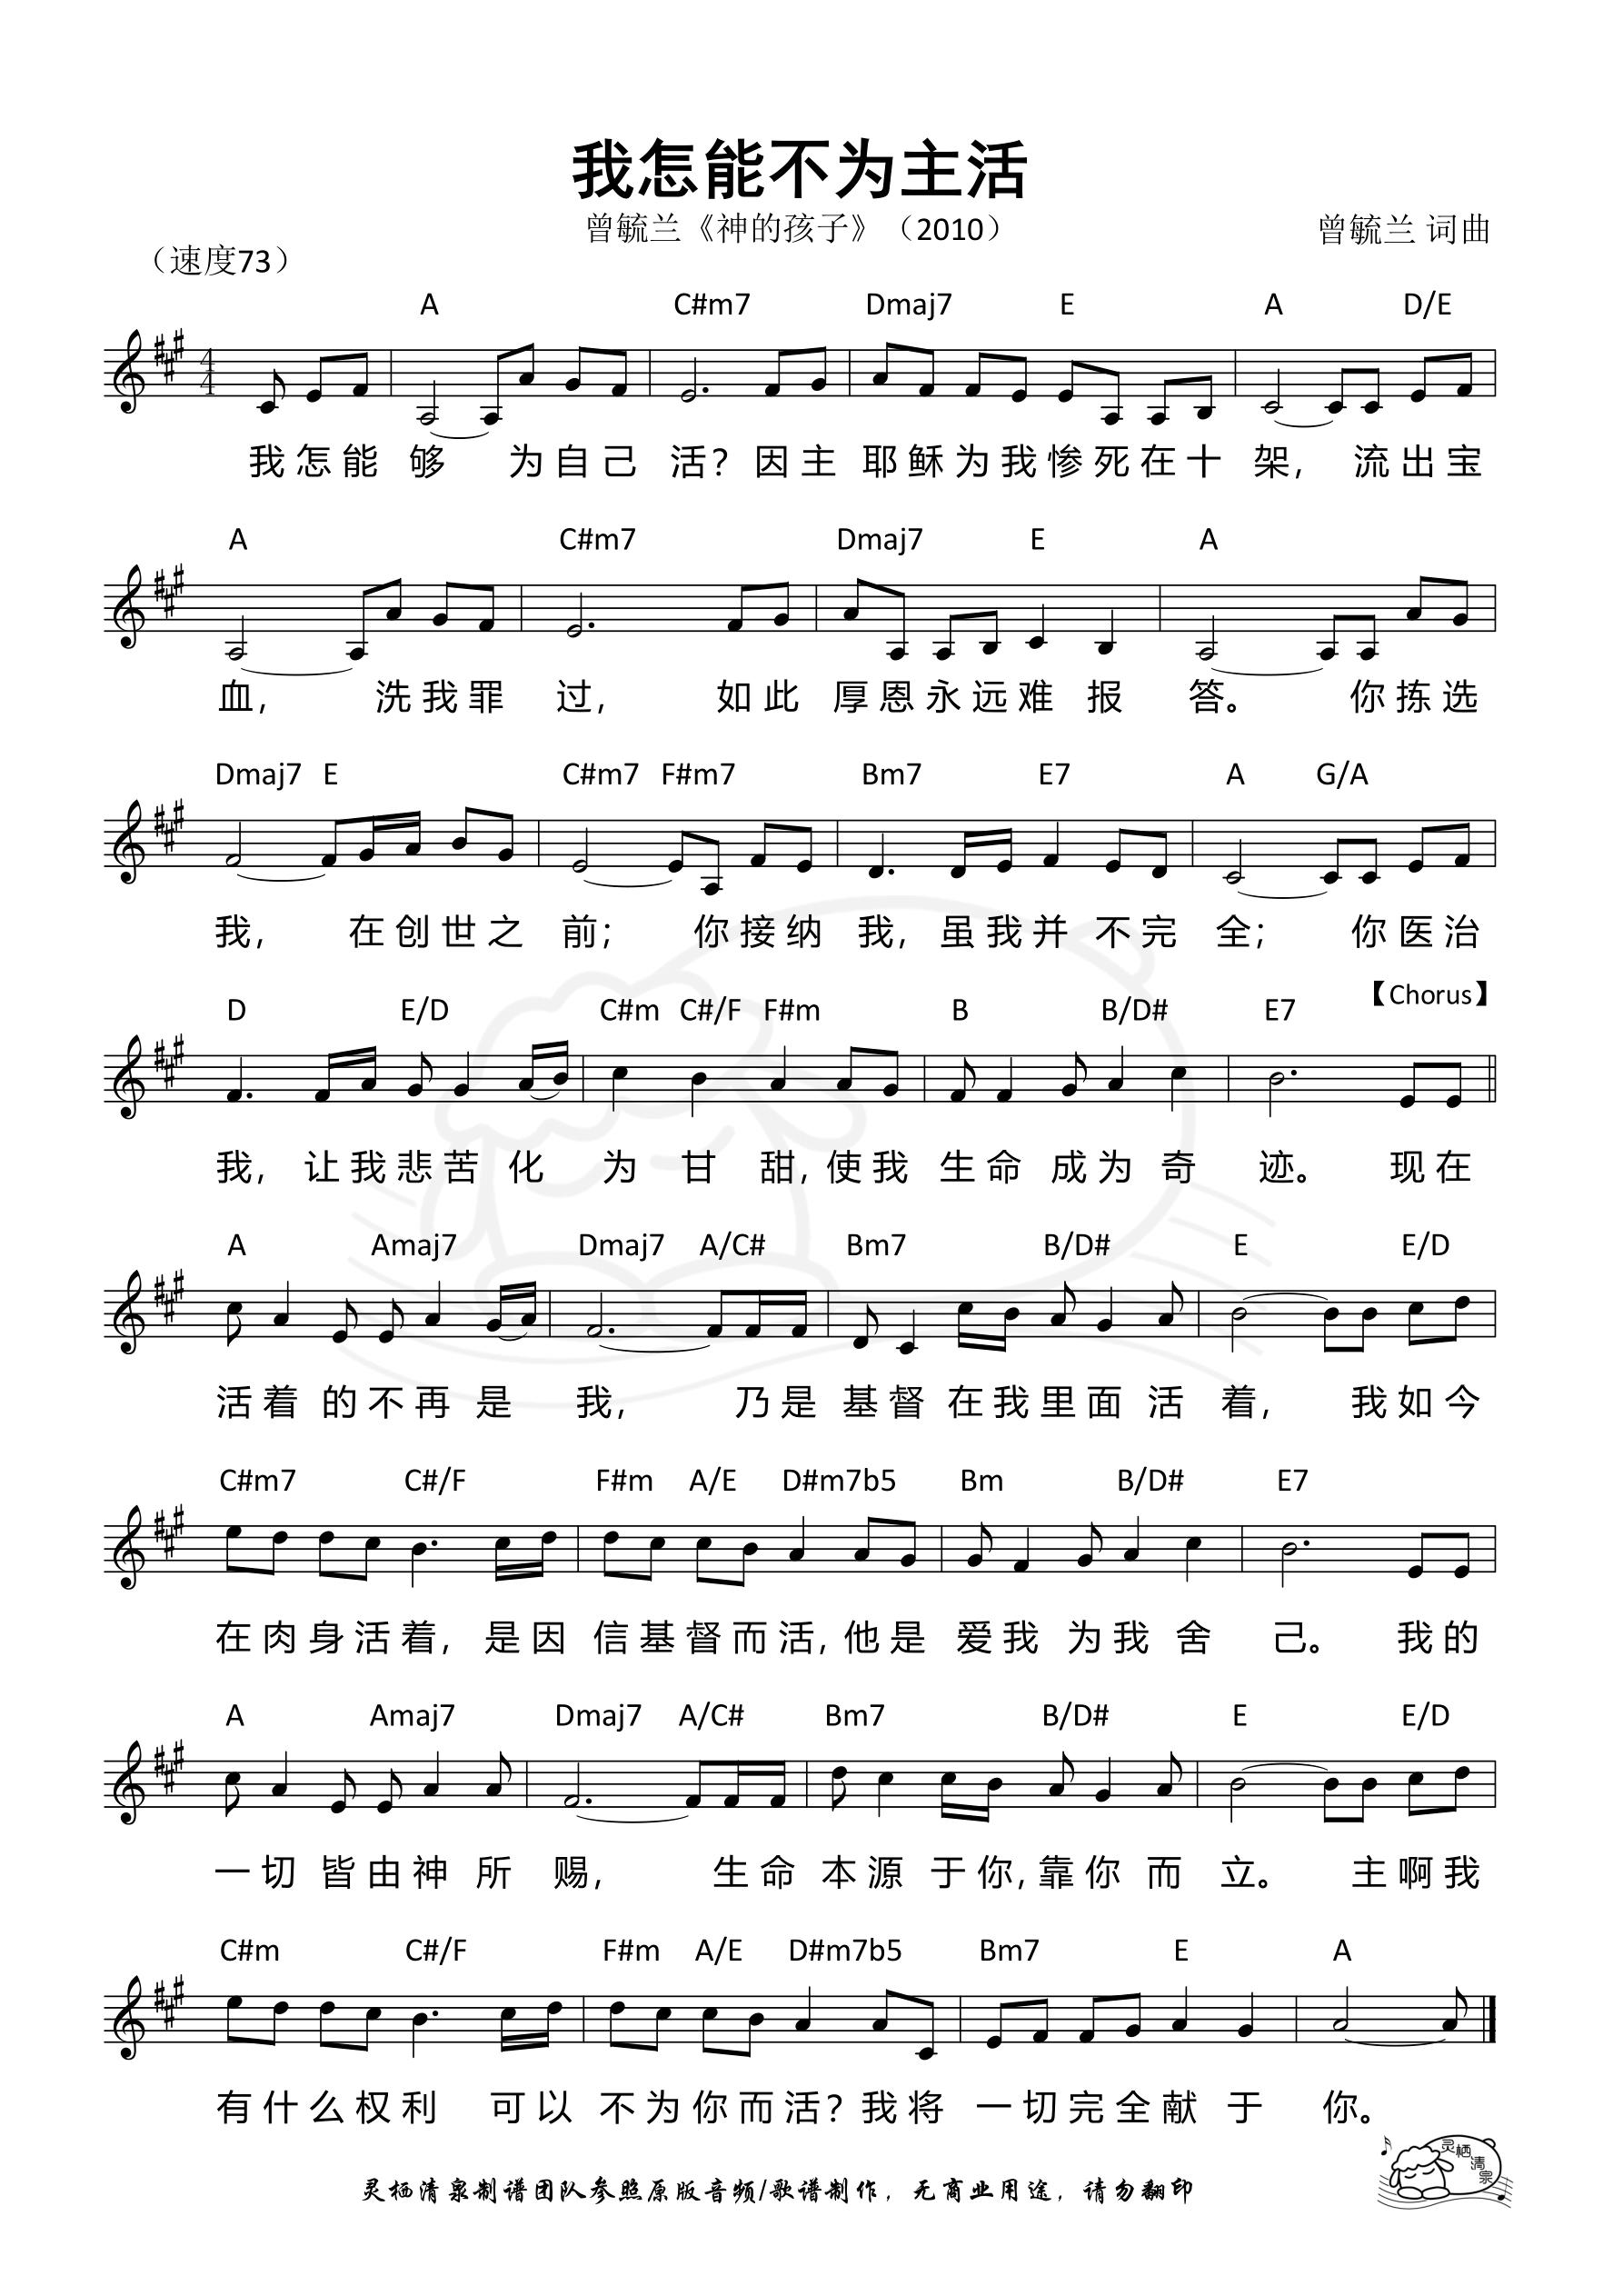 《第901首 - 我怎能不为主活 和弦五线谱》